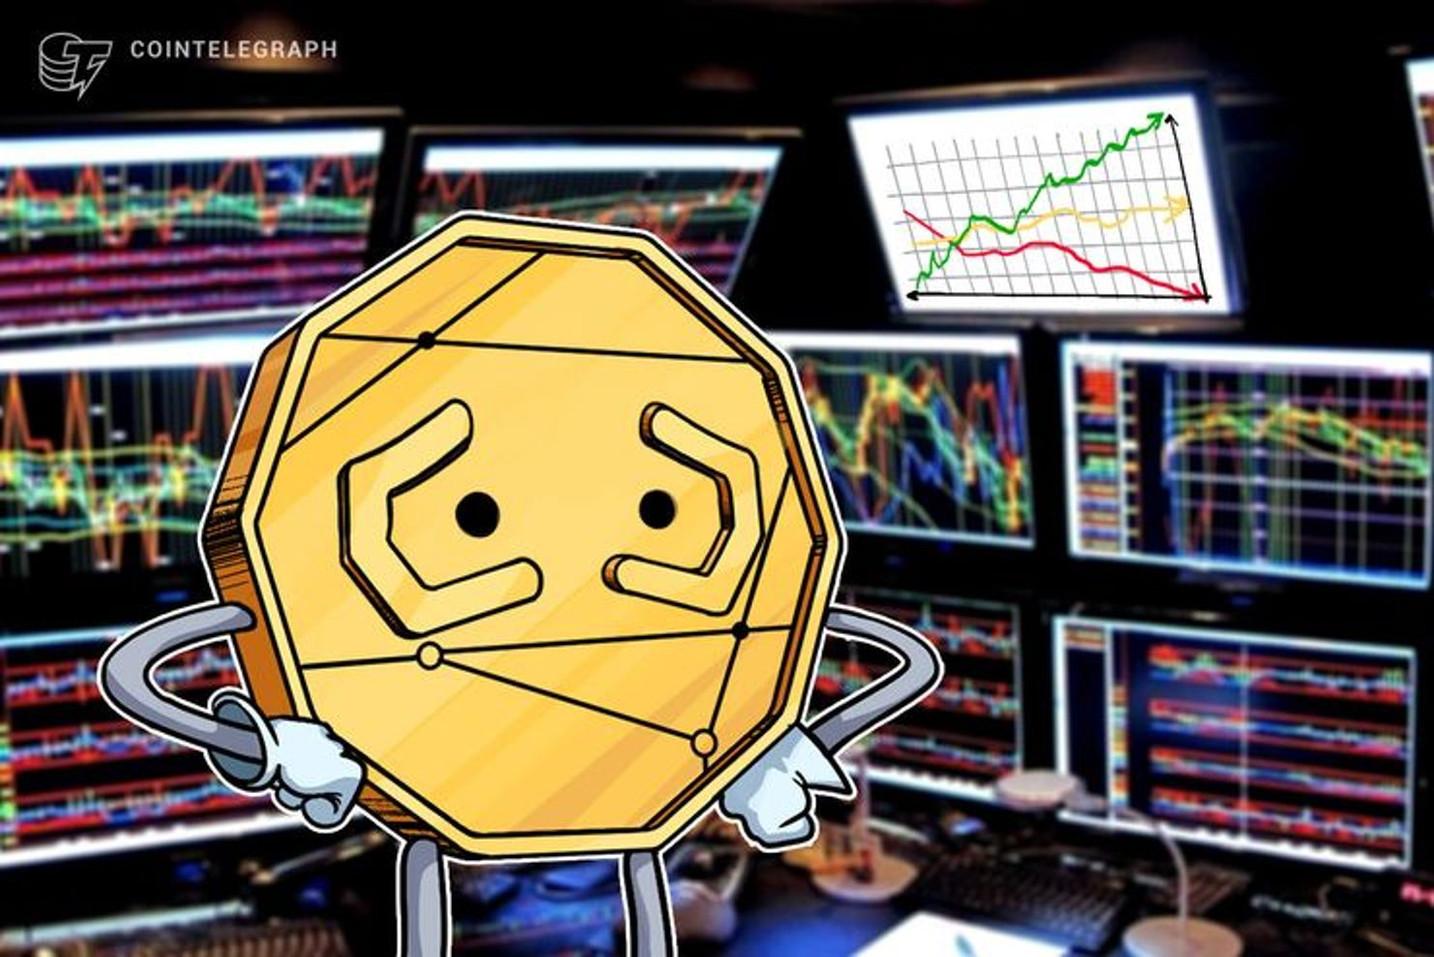 マネックス証券が仮想通貨デリバティブを正式発表、取り扱い通貨拡大は「リスクなど踏まえ適時検討」